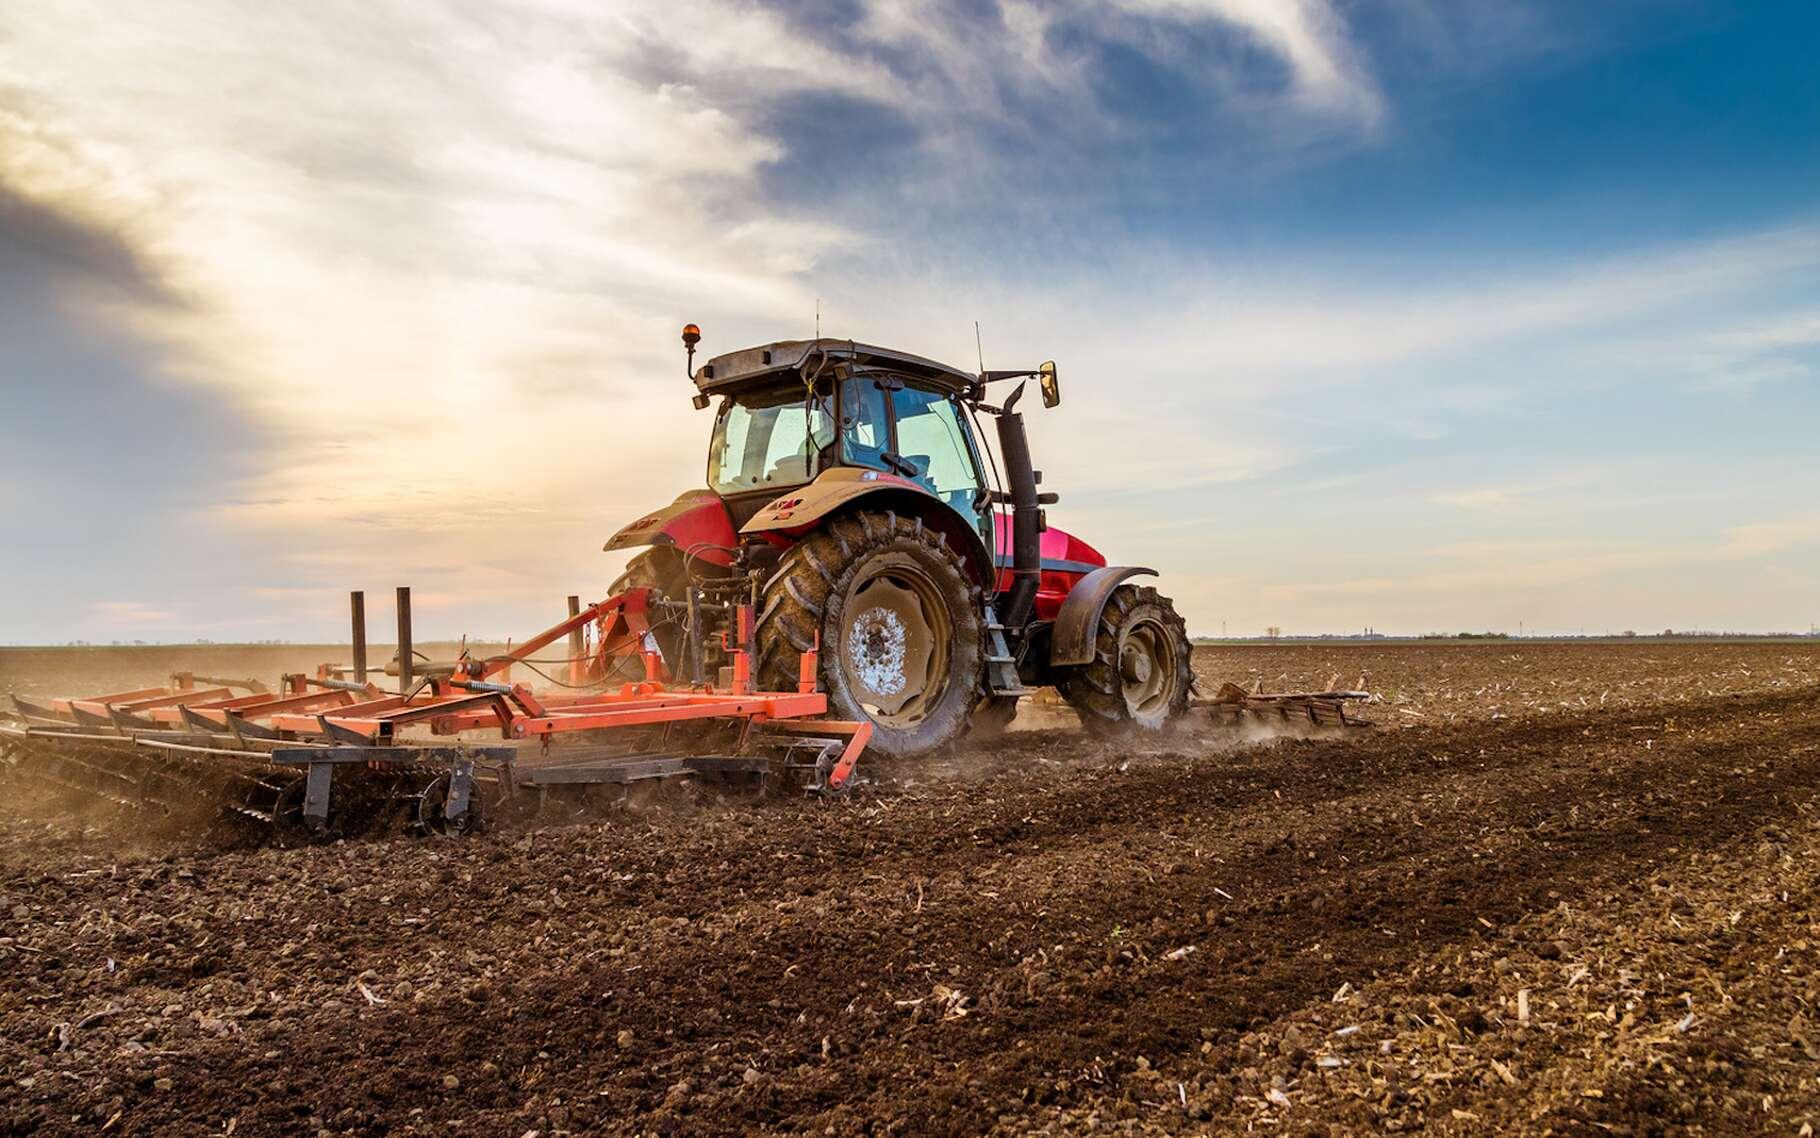 Au-delà du tracteur, c'est l'ensemble de l'équipement agricole qui s'appuiera demain sur des innovations pour doper les productions dans le respect de l'environnement. © oticki, Fotolia